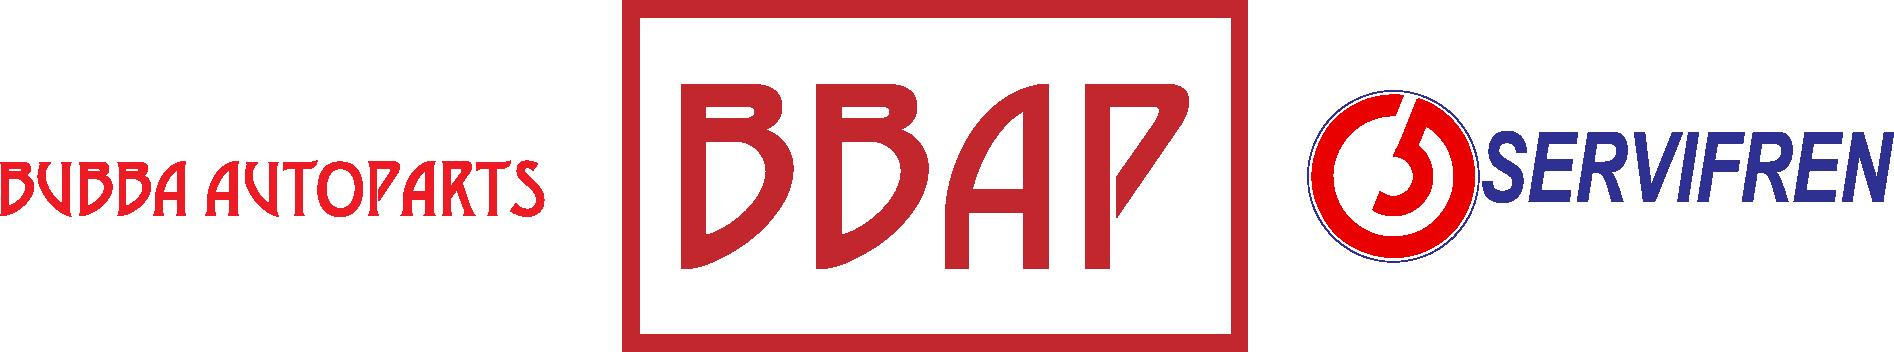 Bubba Autoparts